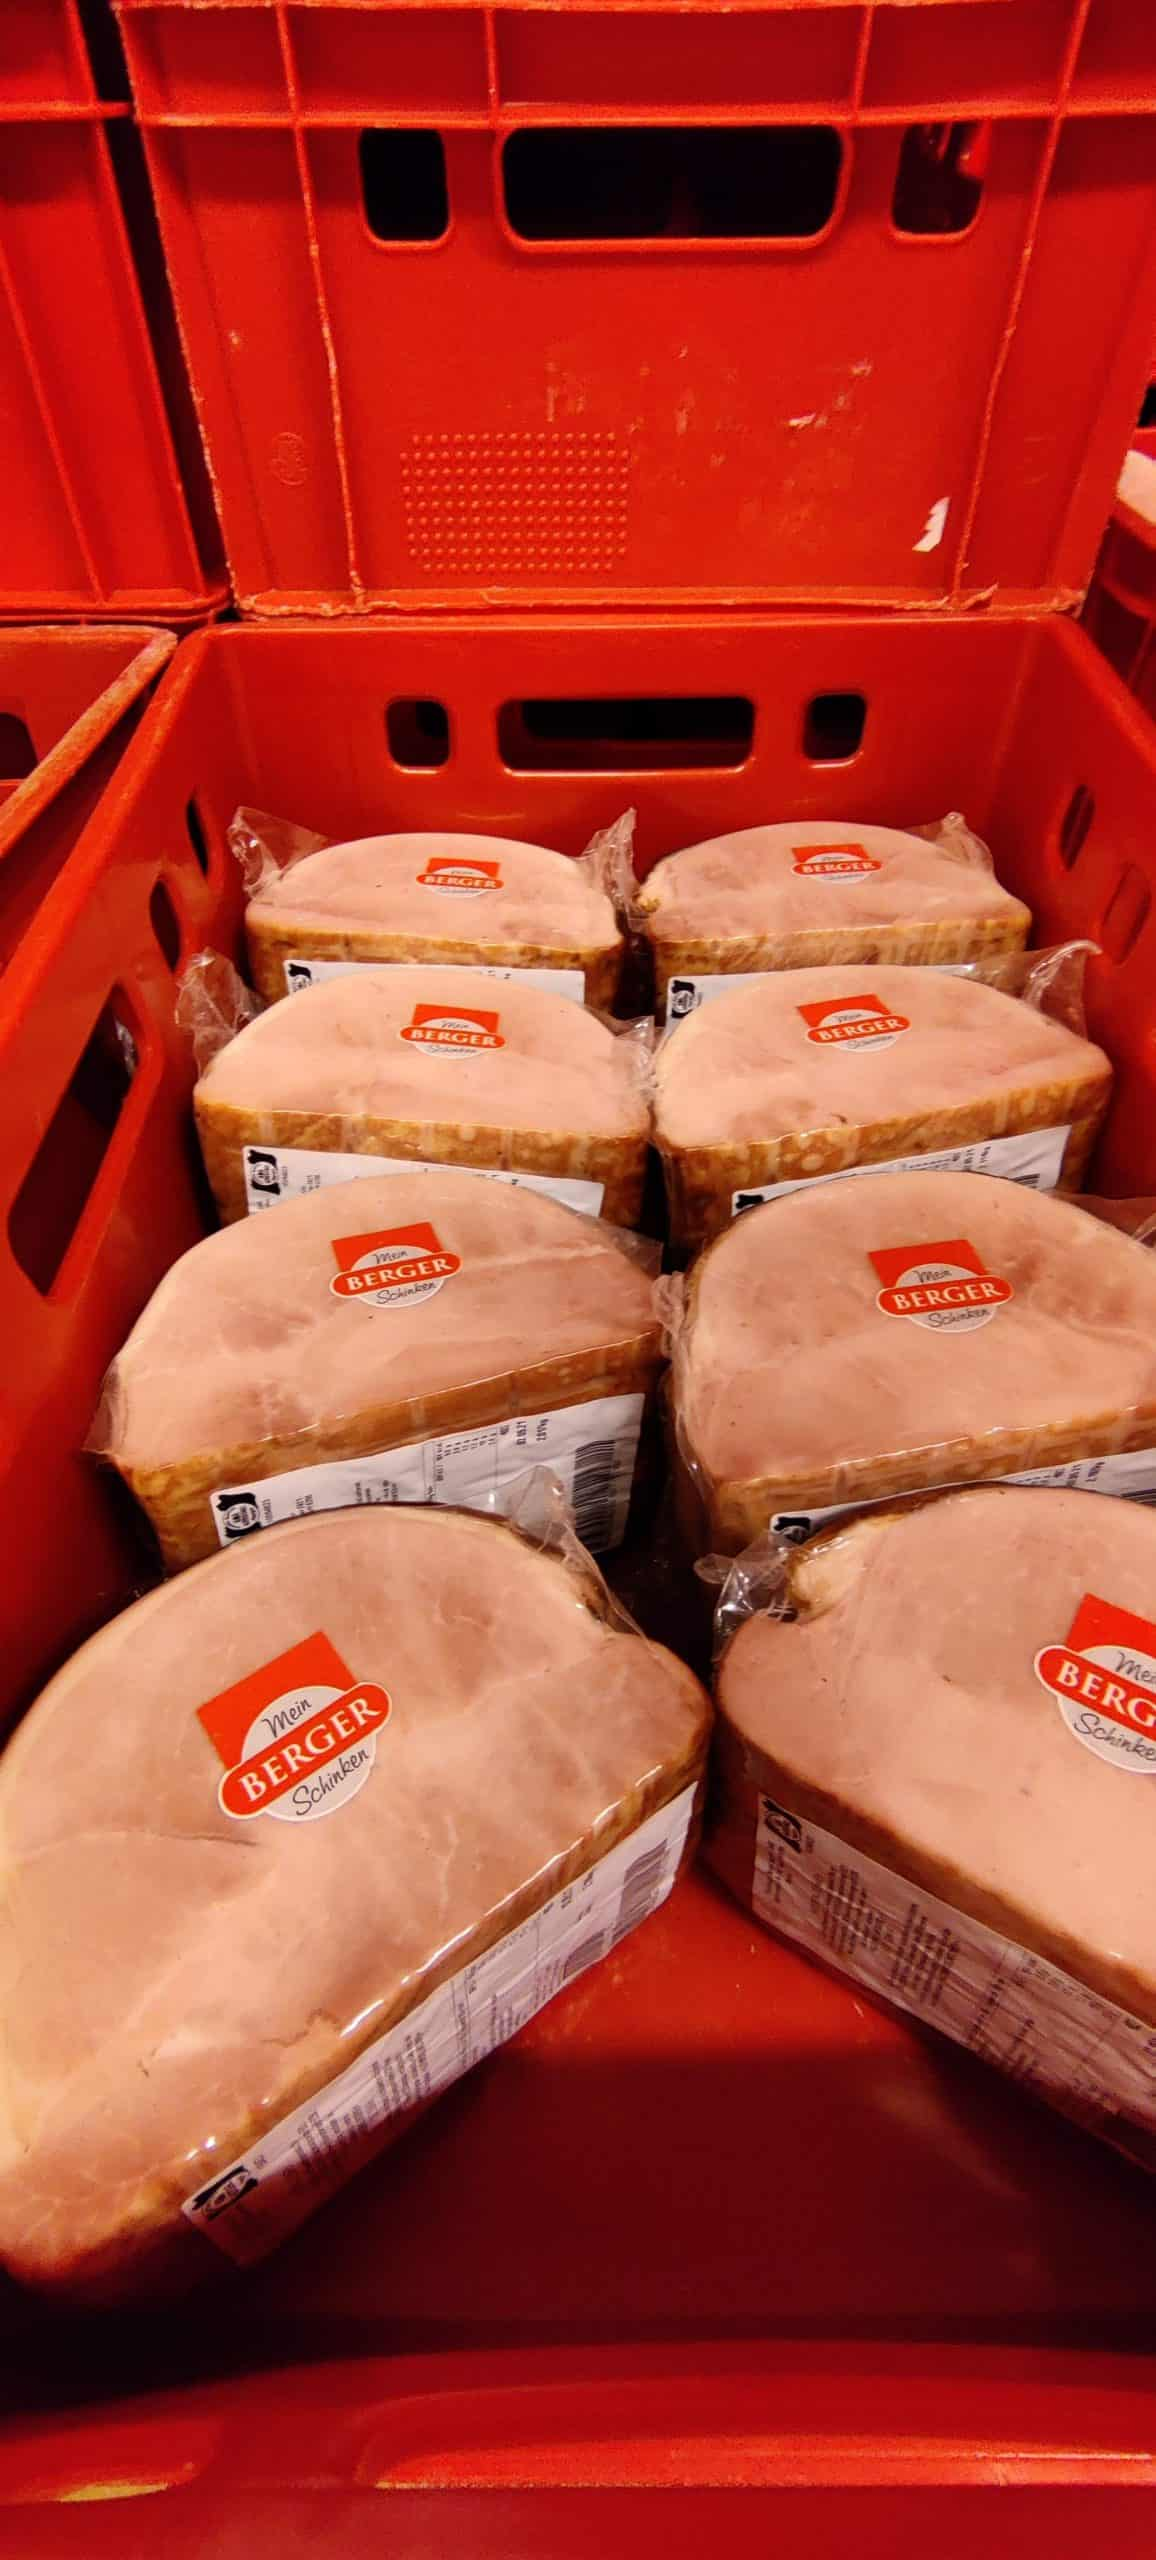 Backofenschinken fertig verpackt von Berger Schinken in einer roten Fleischkiste